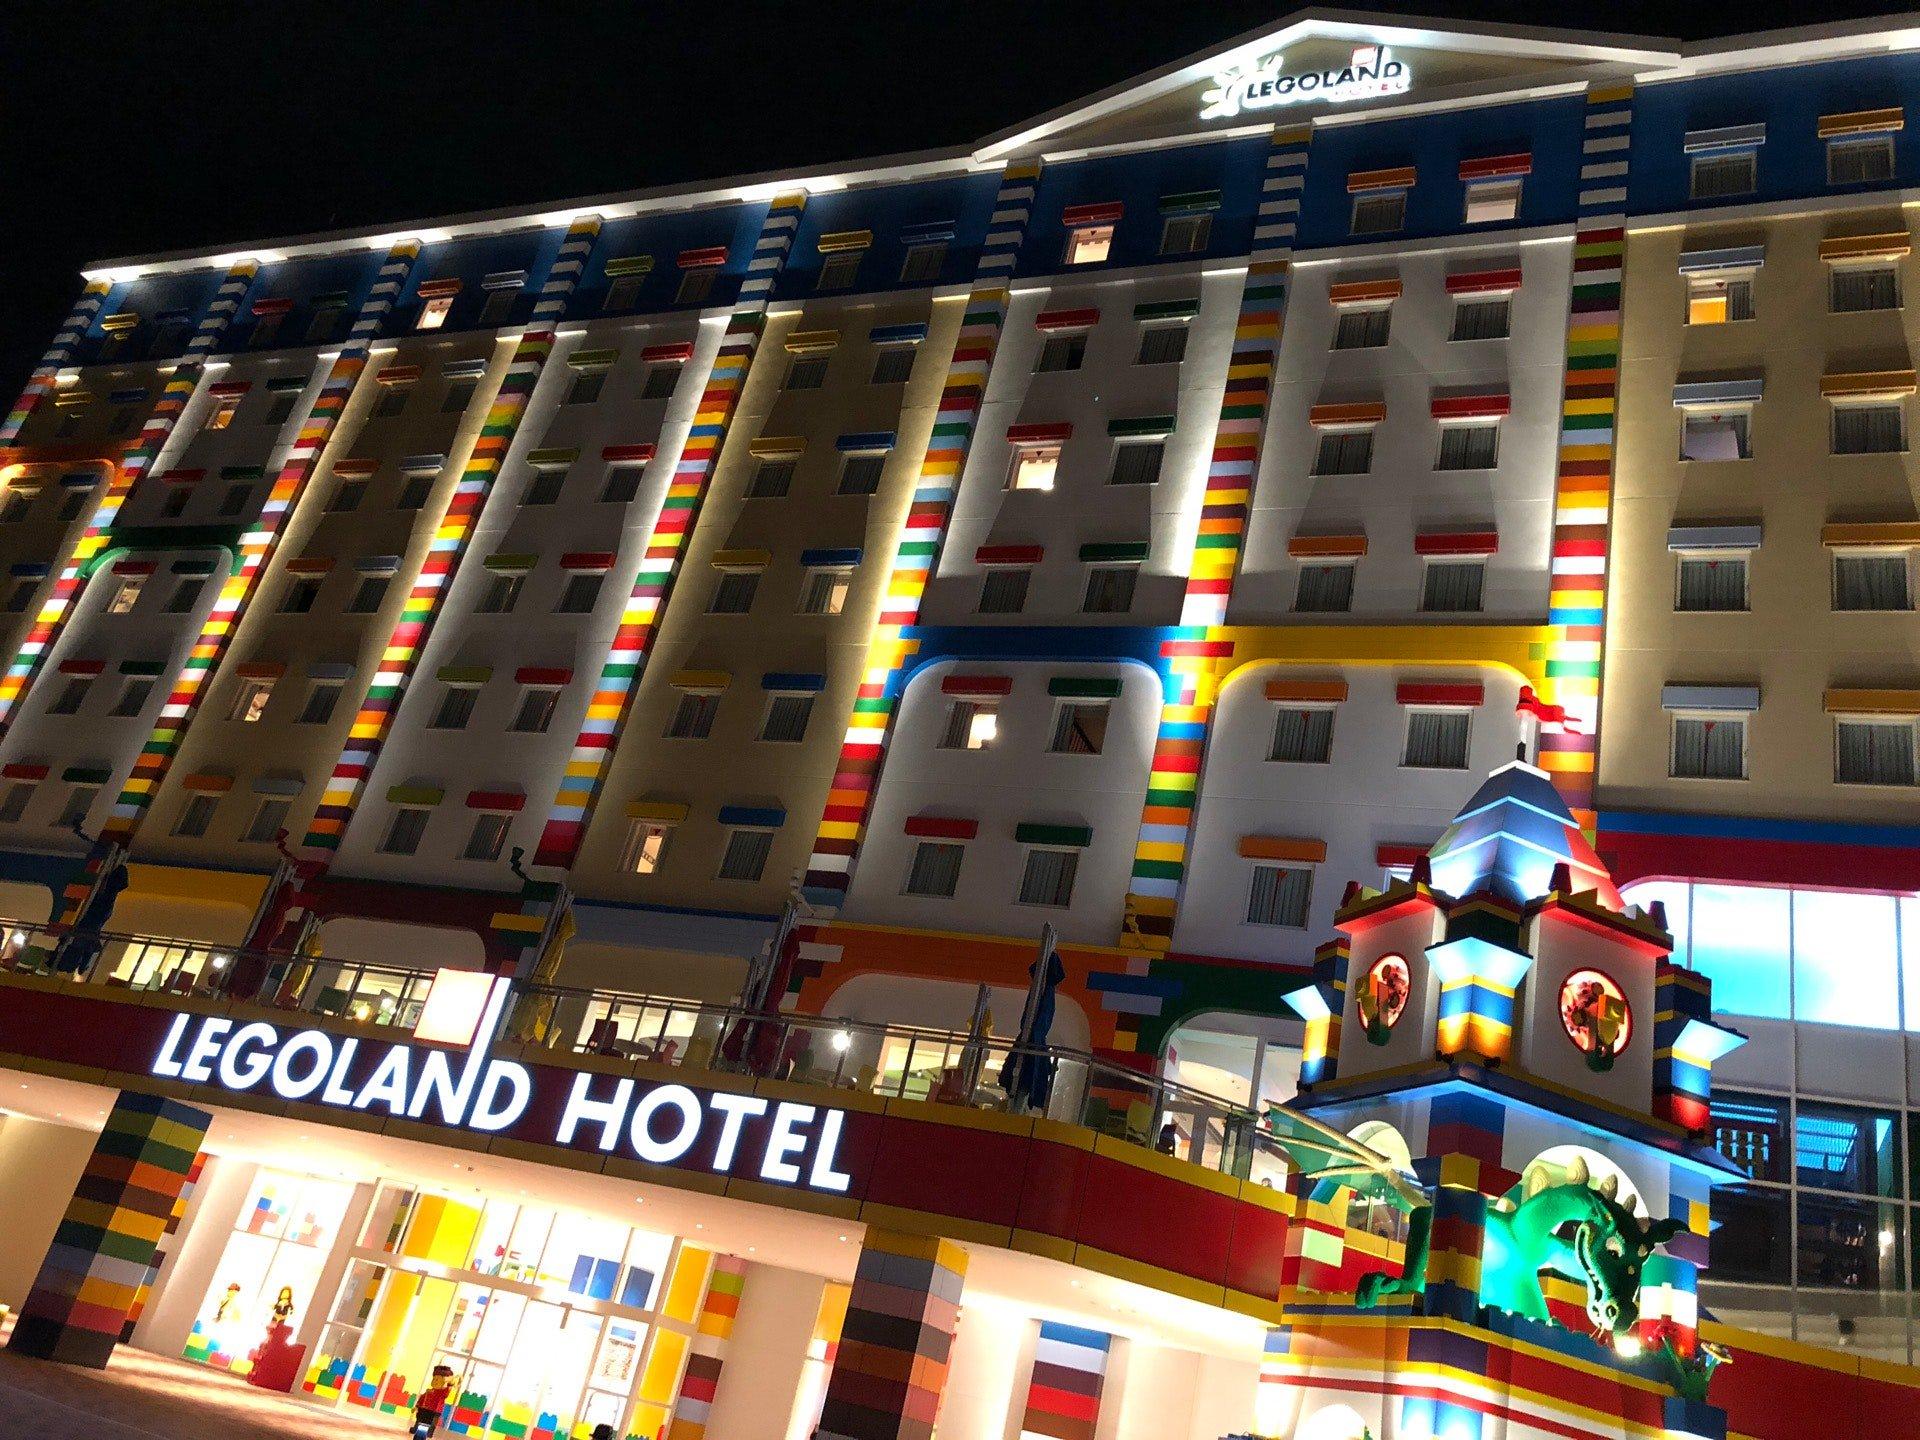 夜の。 (@ レゴランド・ジャパン・ホテル in 名古屋市港区, 愛知県) https://t.co/LK479qlf0Z https://t.co/He9V1Lgqz0